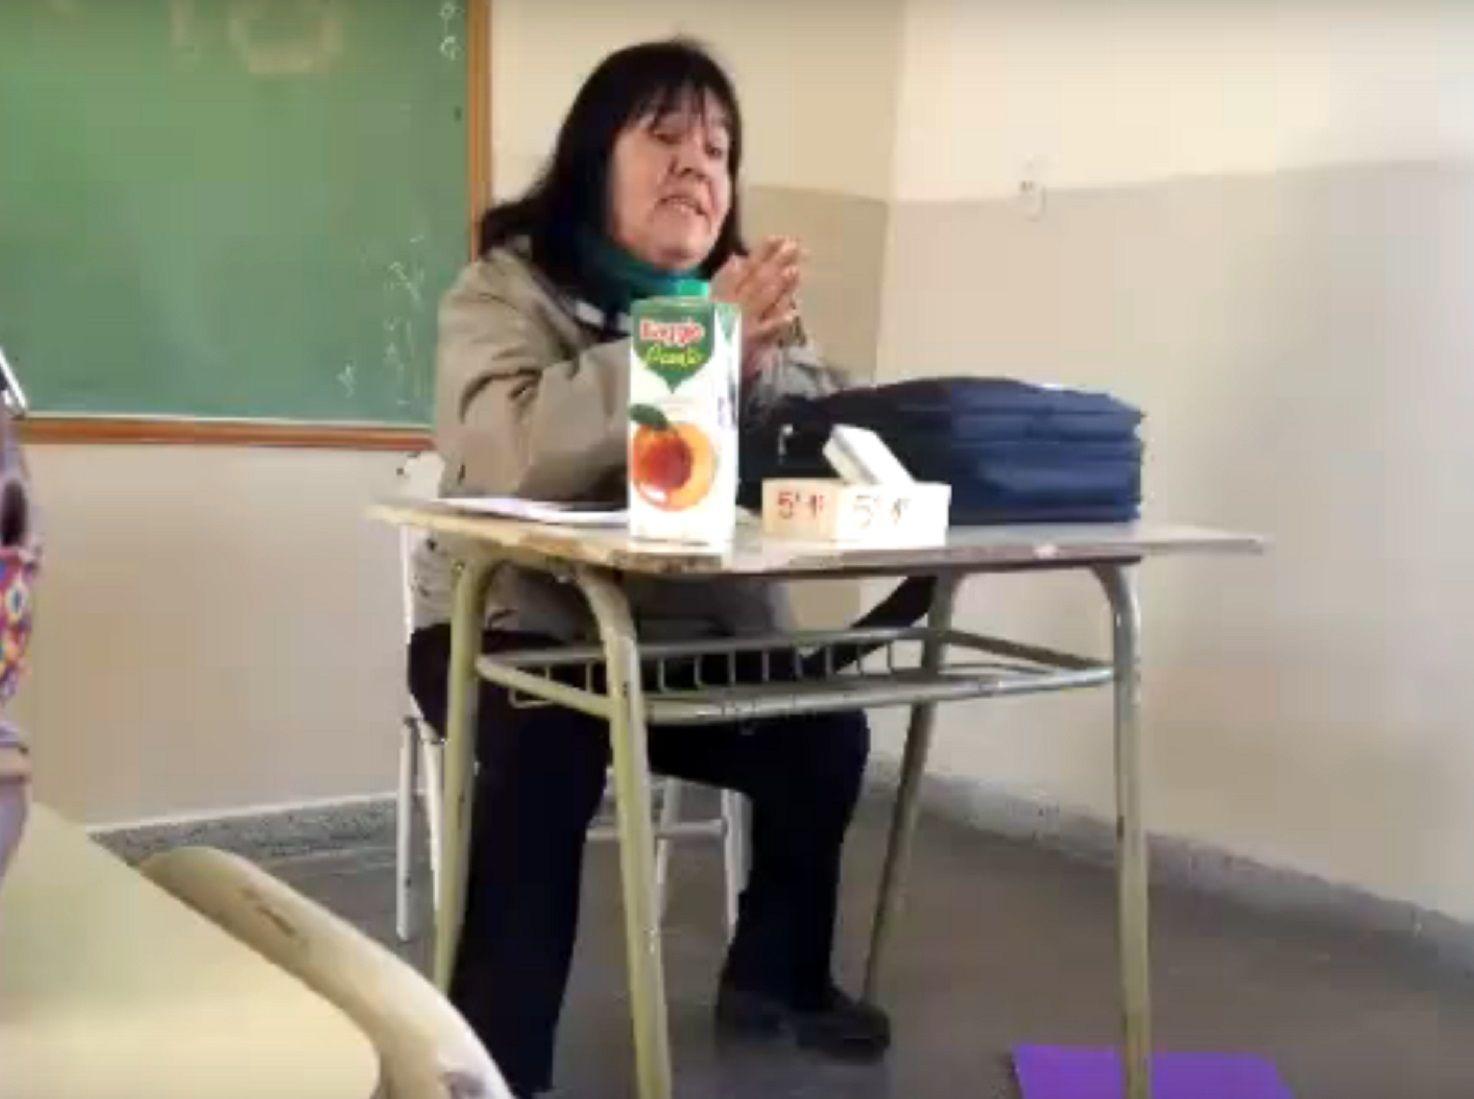 El insulto de una docente a sus alumnos